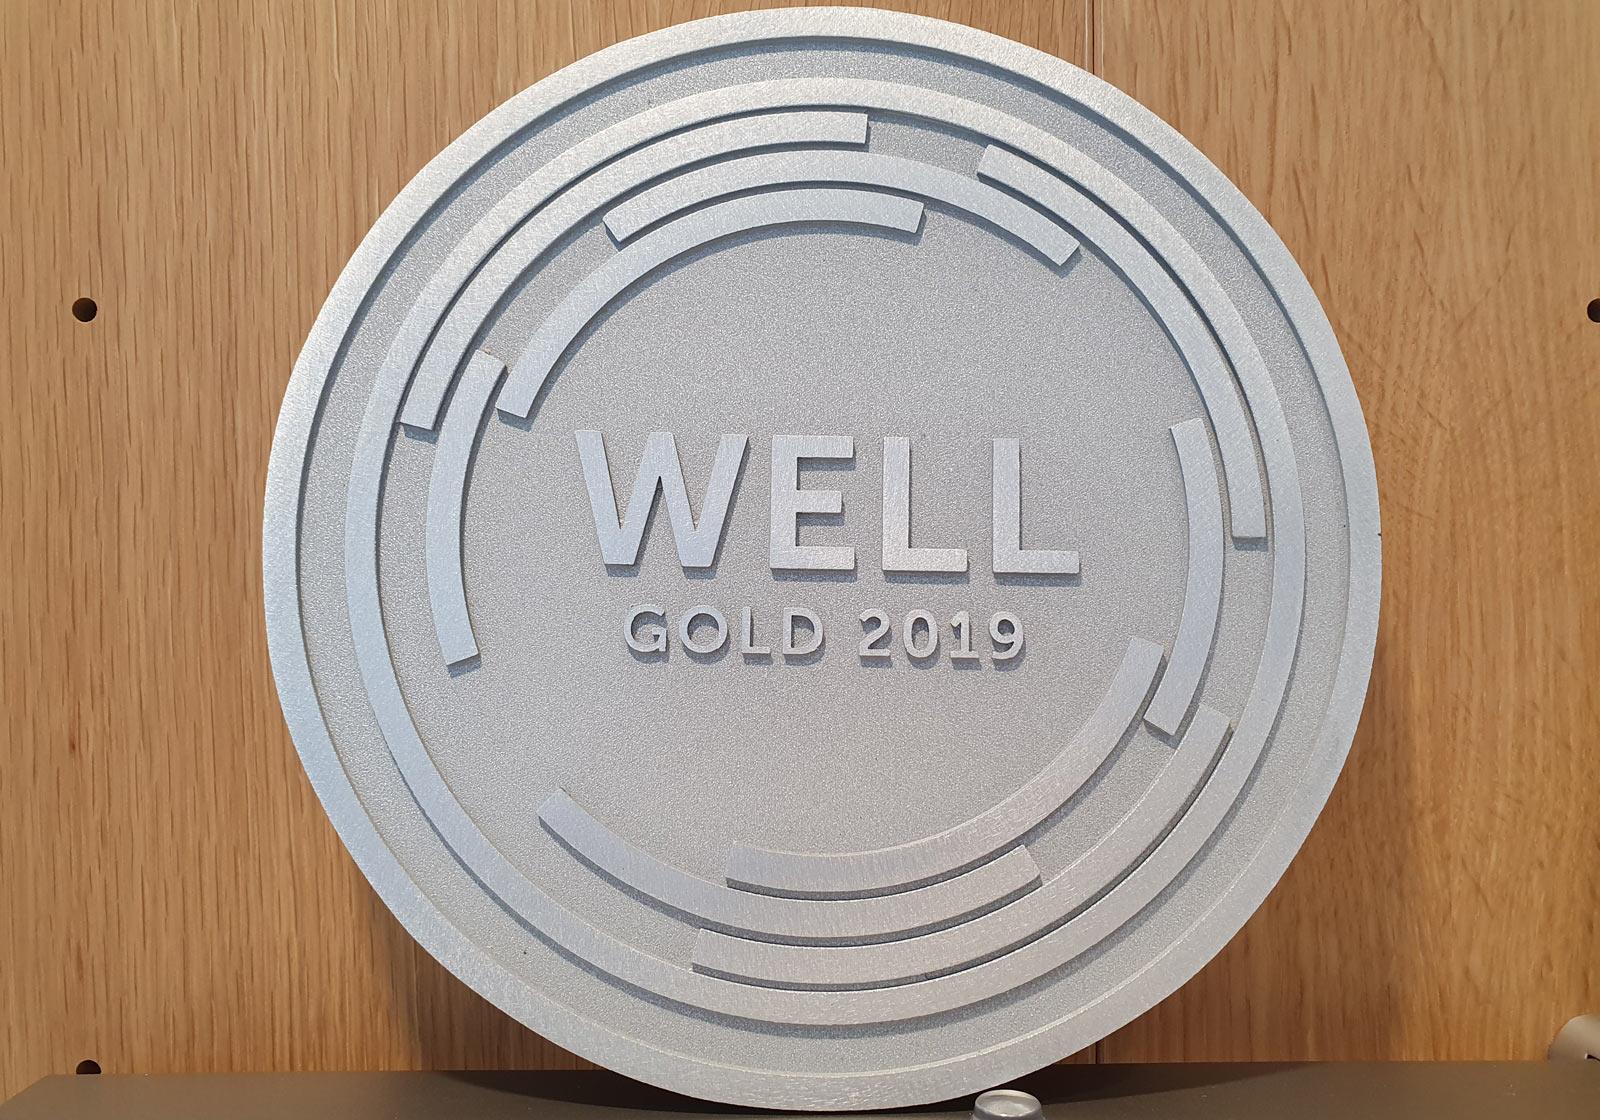 WELL-Gold-certifikat